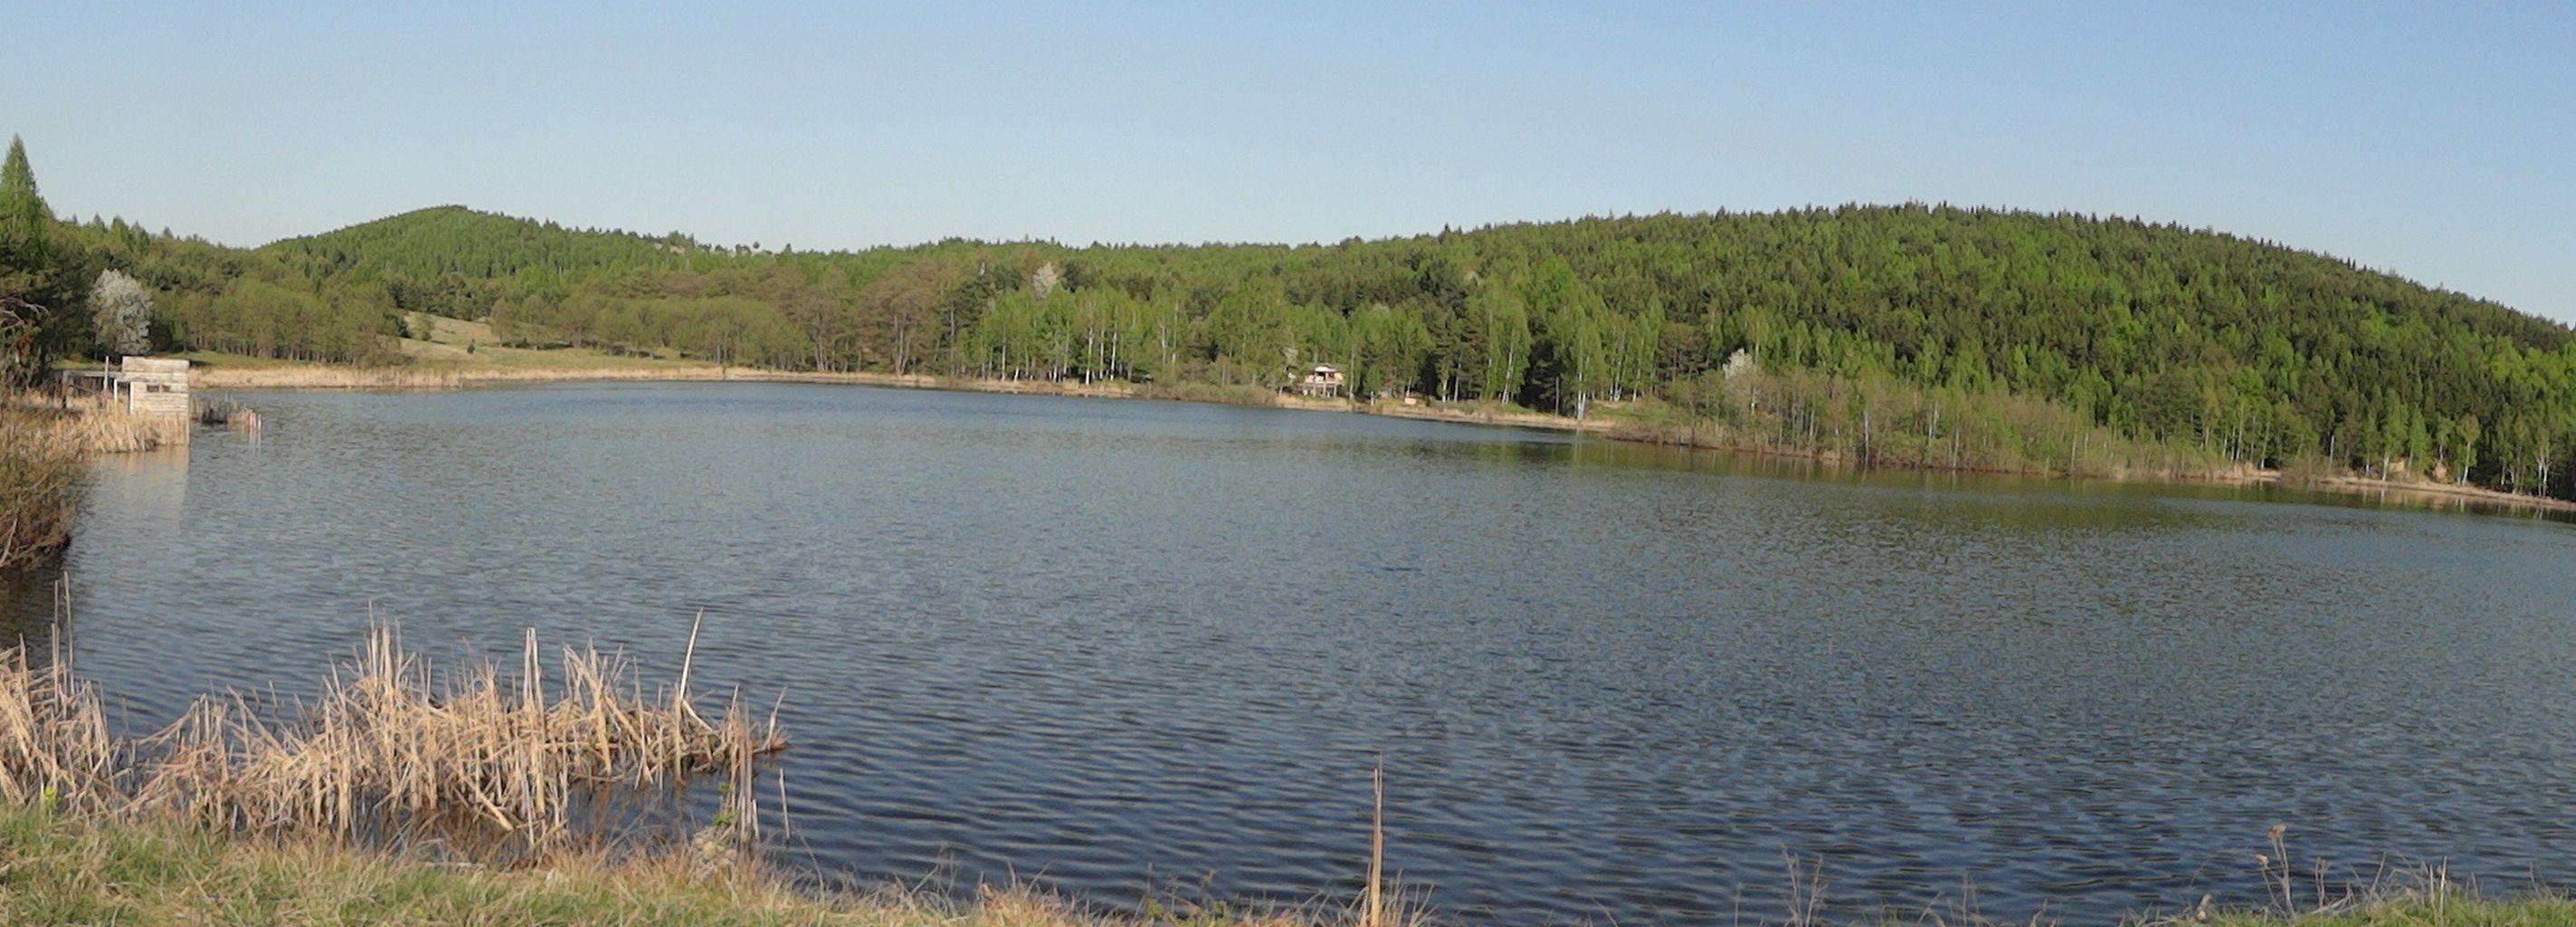 Lacul-Mocearu1